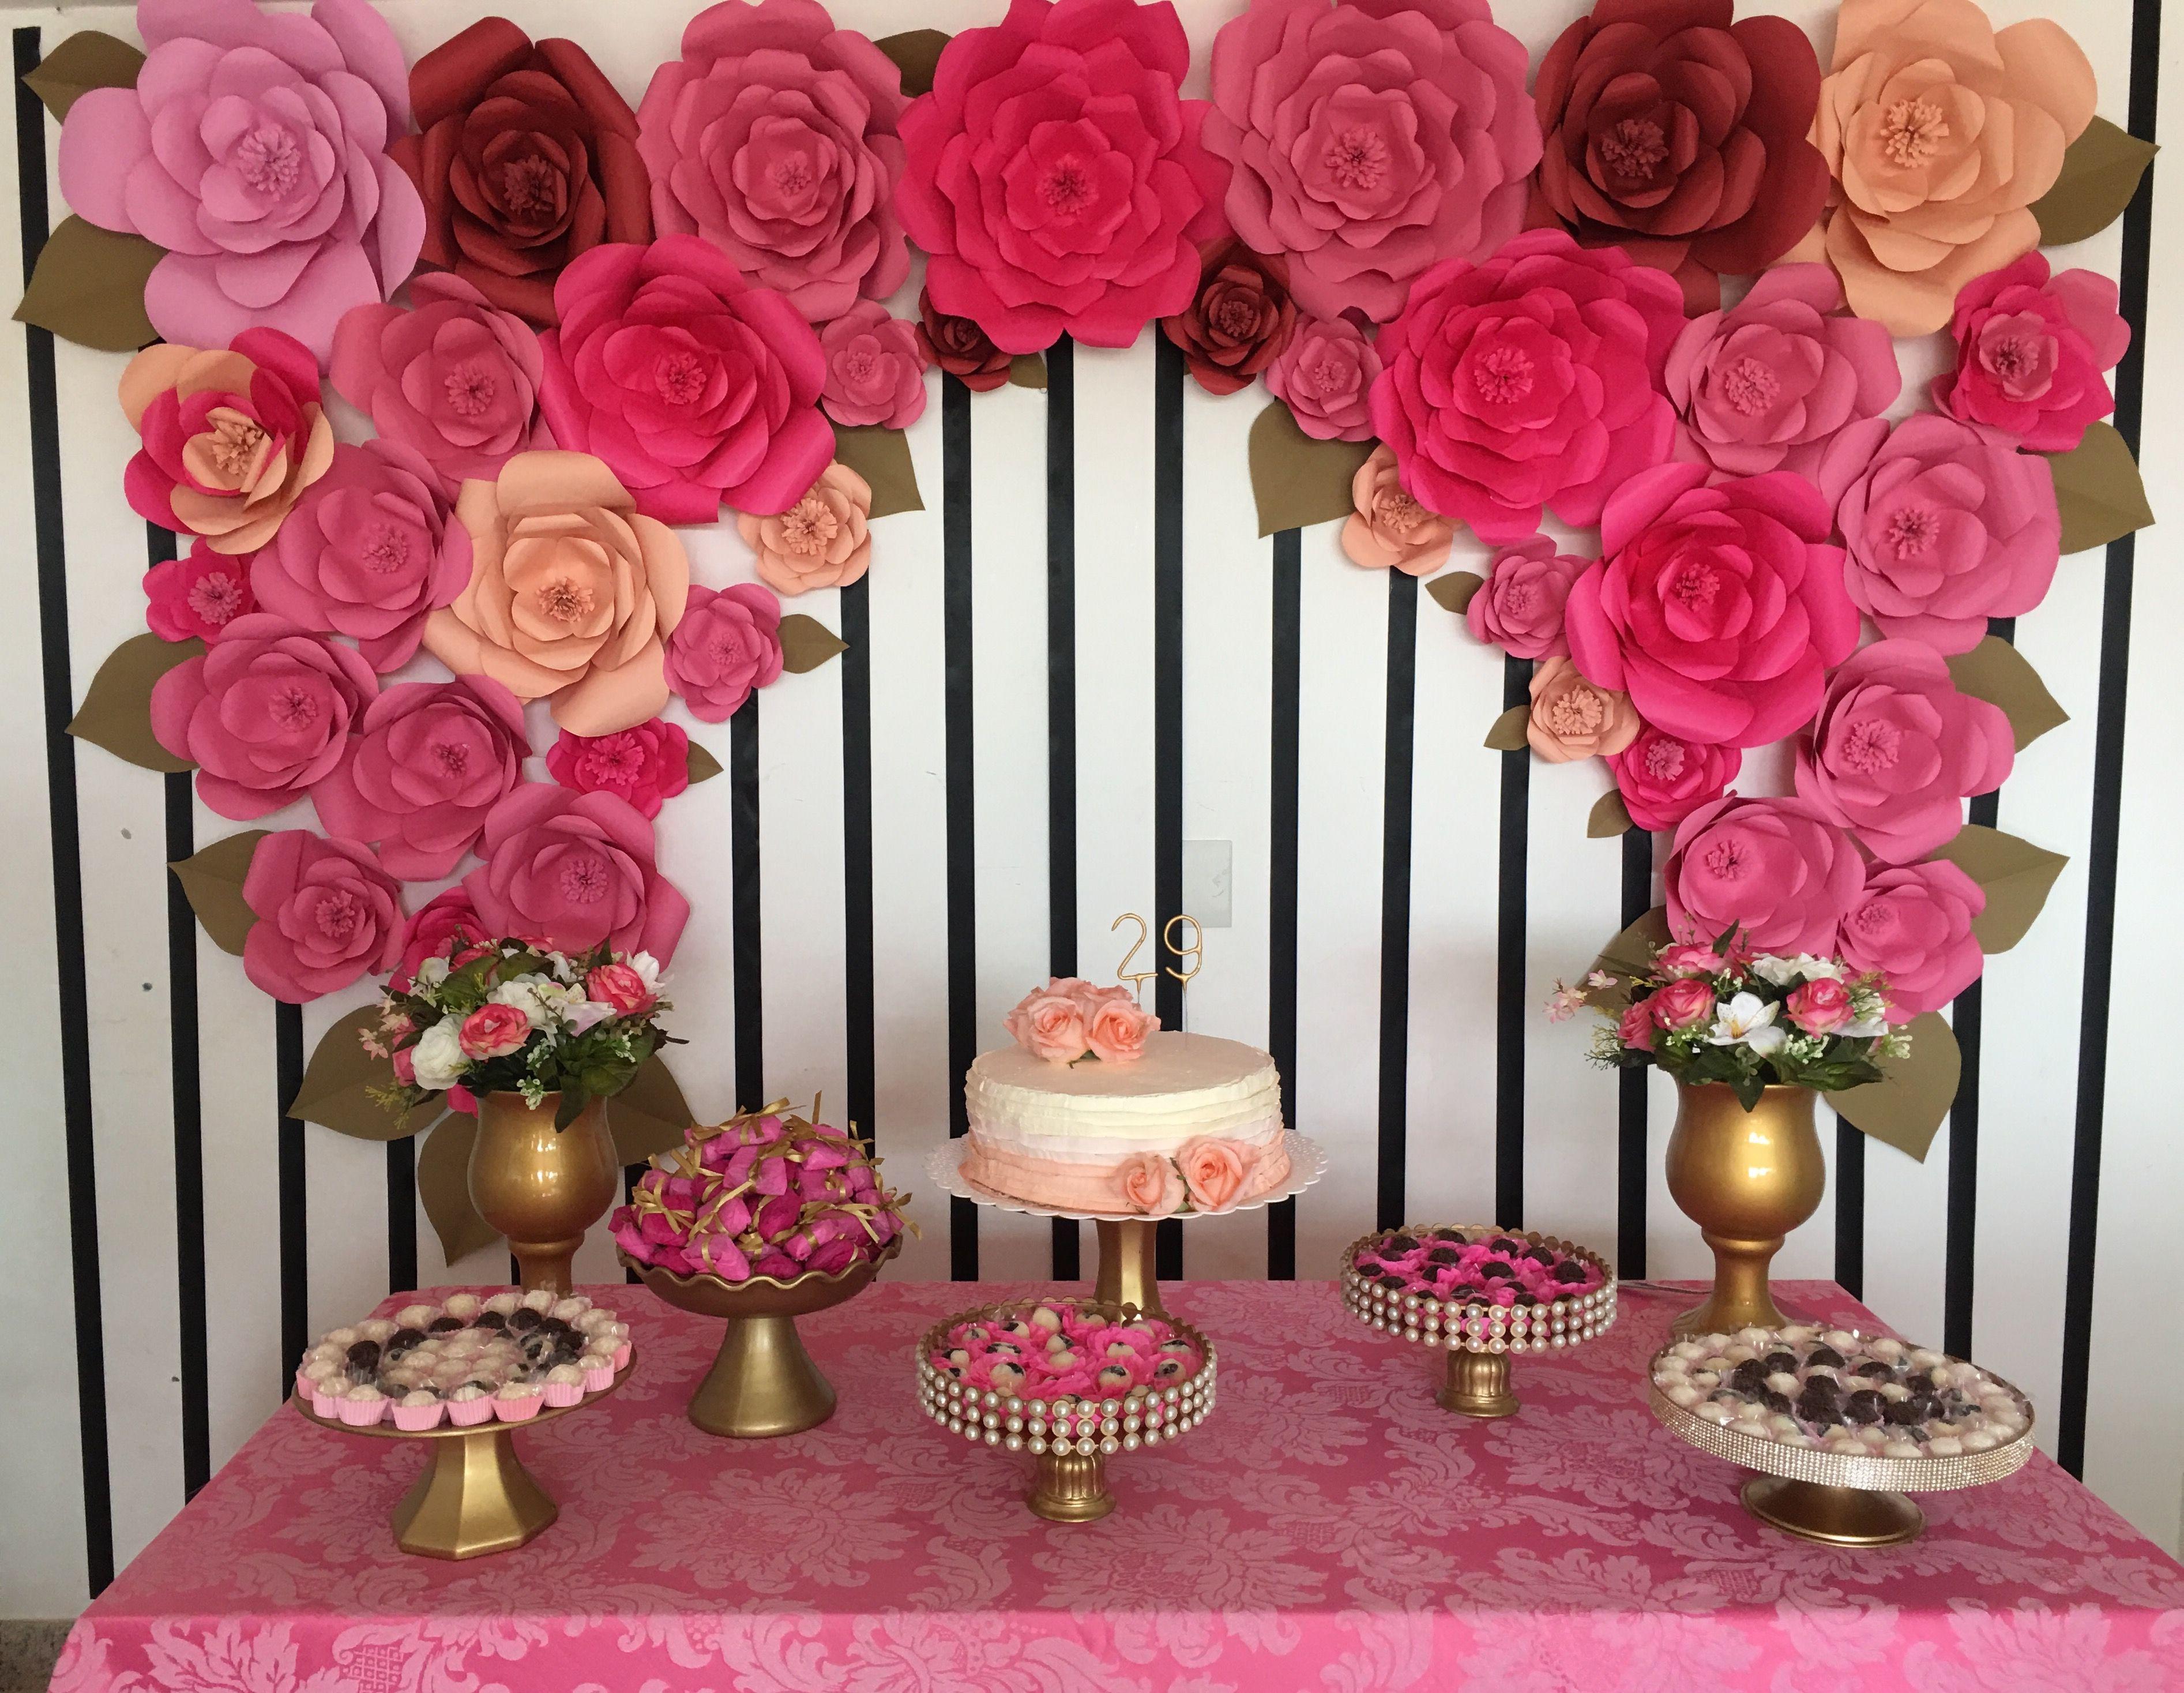 Decoraç u00e3o festa de aniversário 29 anos flores de papel gigantes Decoraç u00e3o festa 29 anos  -> Decoração De Flores De Papel Para Aniversario